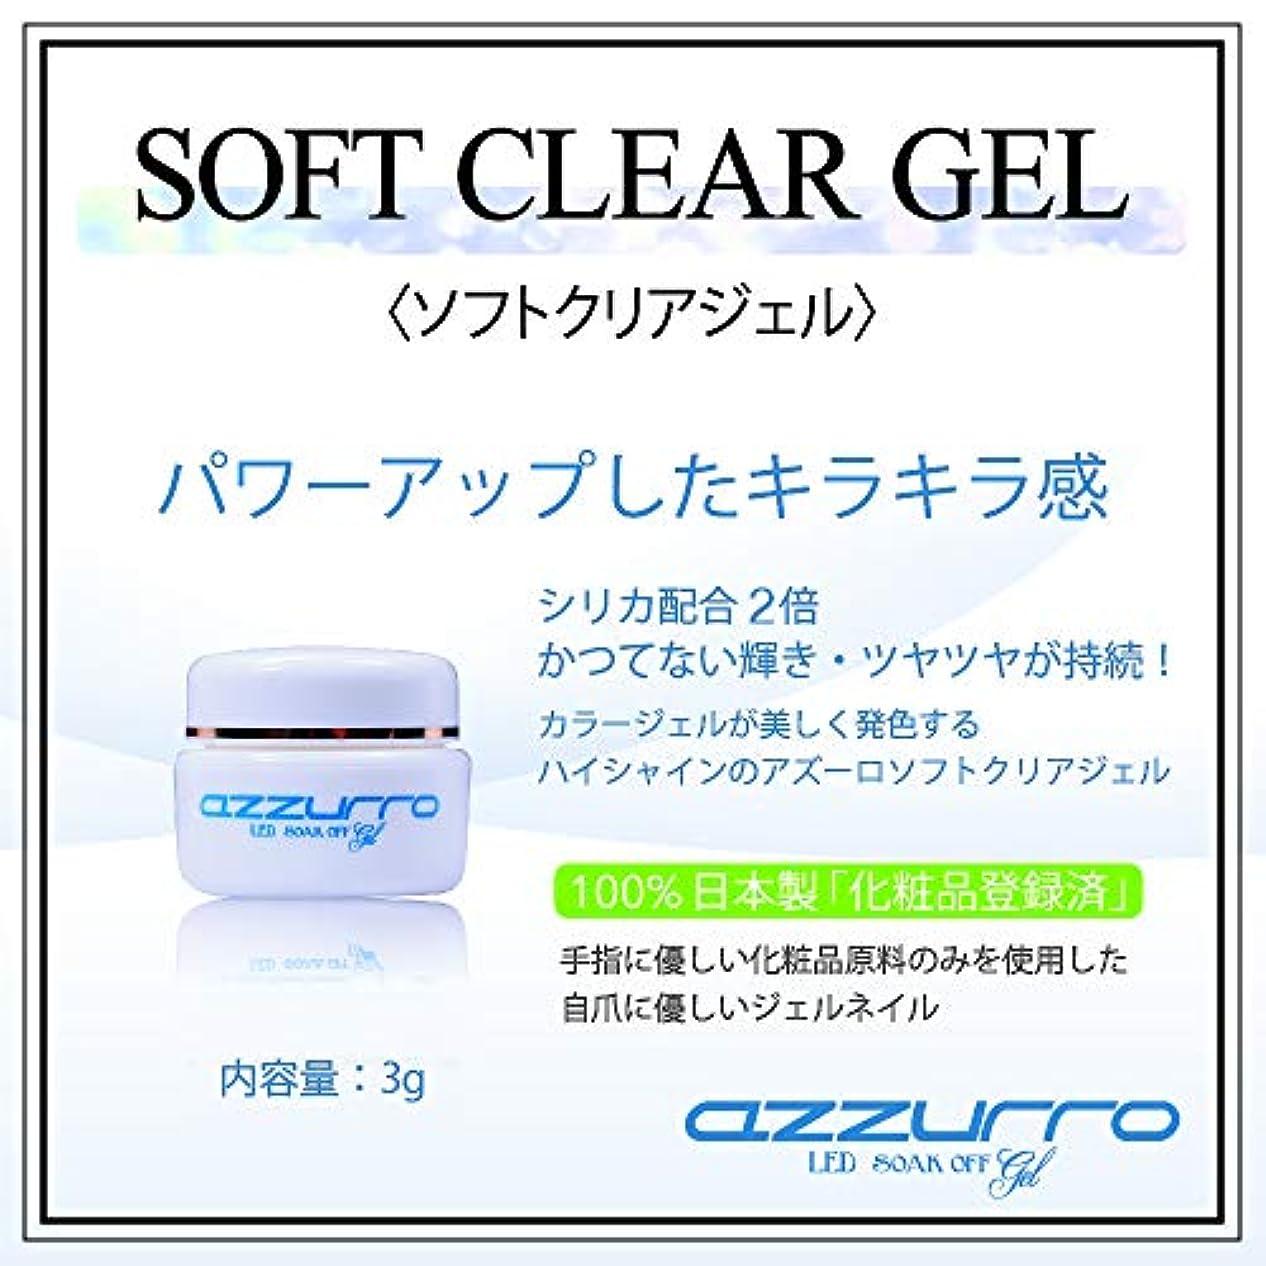 ダンス熱心な回路azzurro gel アッズーロ ソフトクリアージェル ツヤツヤ キラキラ感持続 抜群のツヤ 爪に優しい日本製 3g